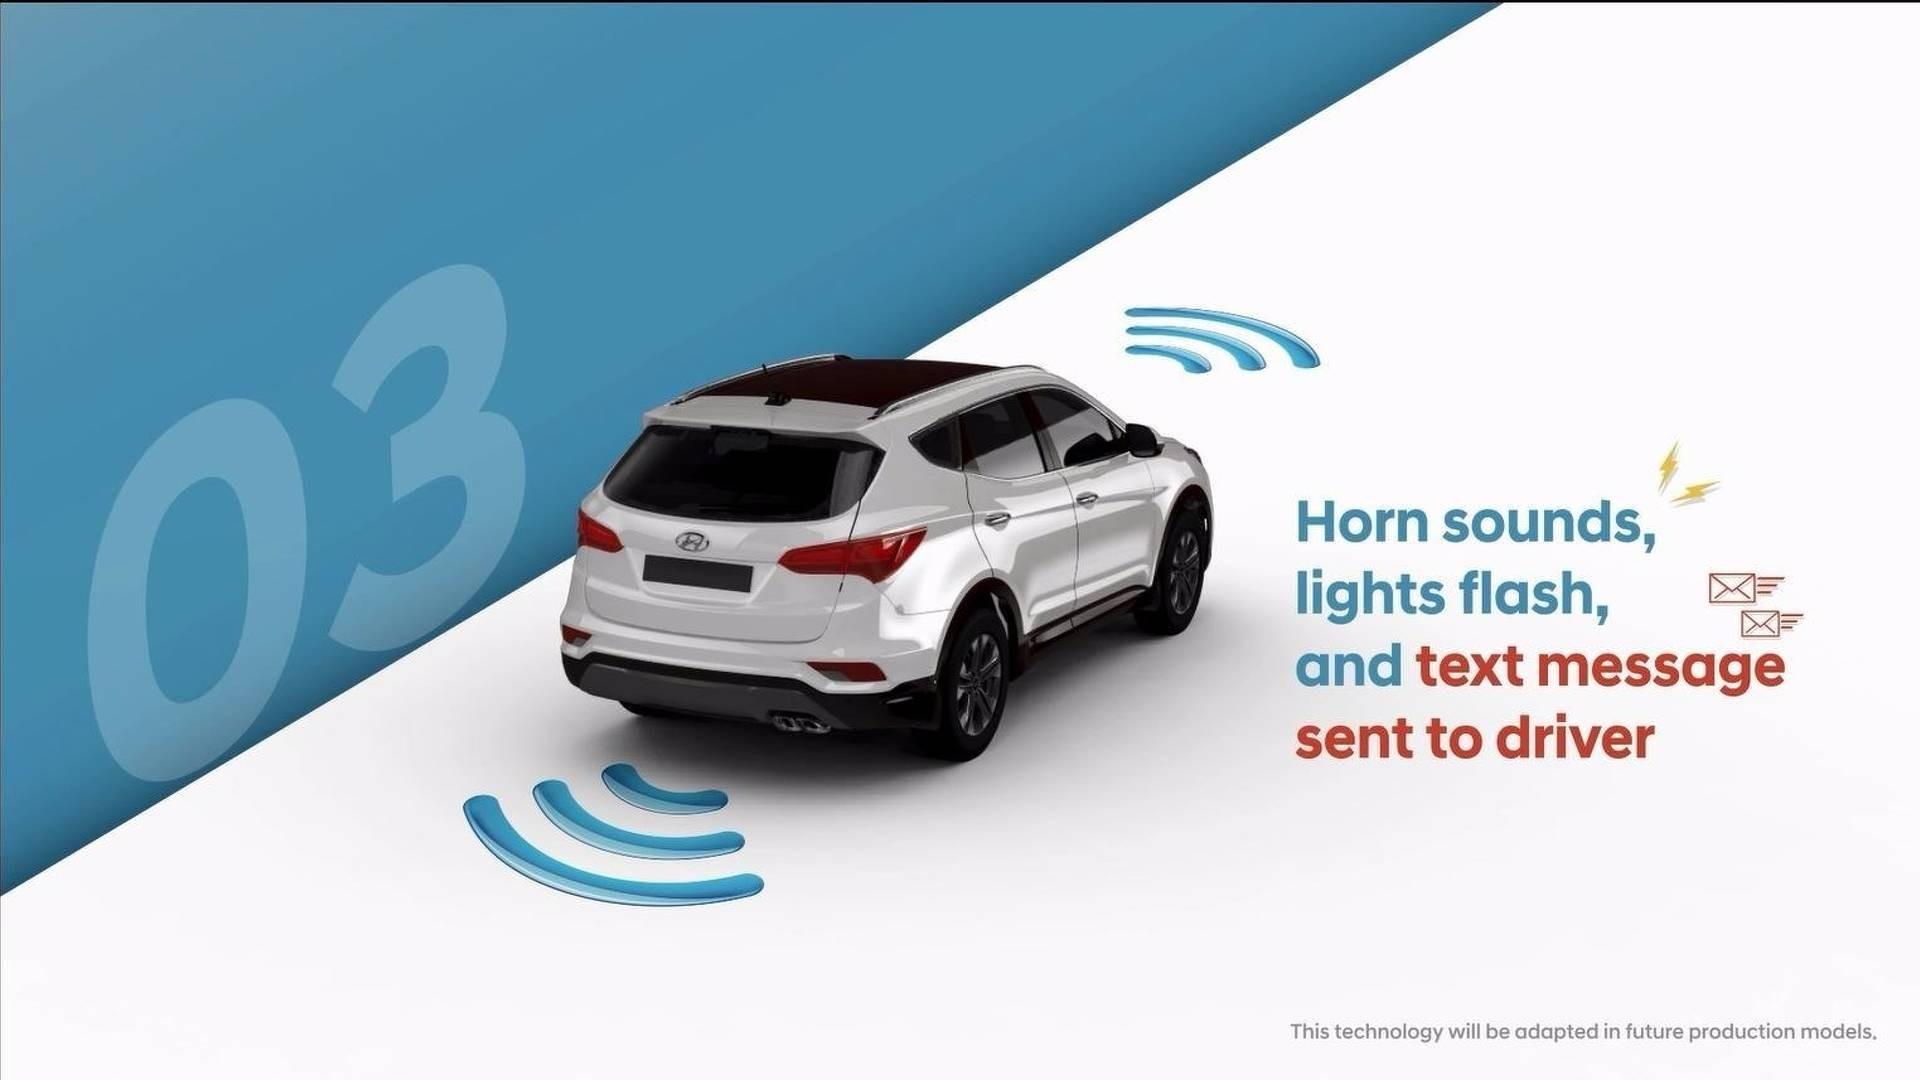 Автомобили Хюндай будут предупреждать водителей озабытых всалоне детях